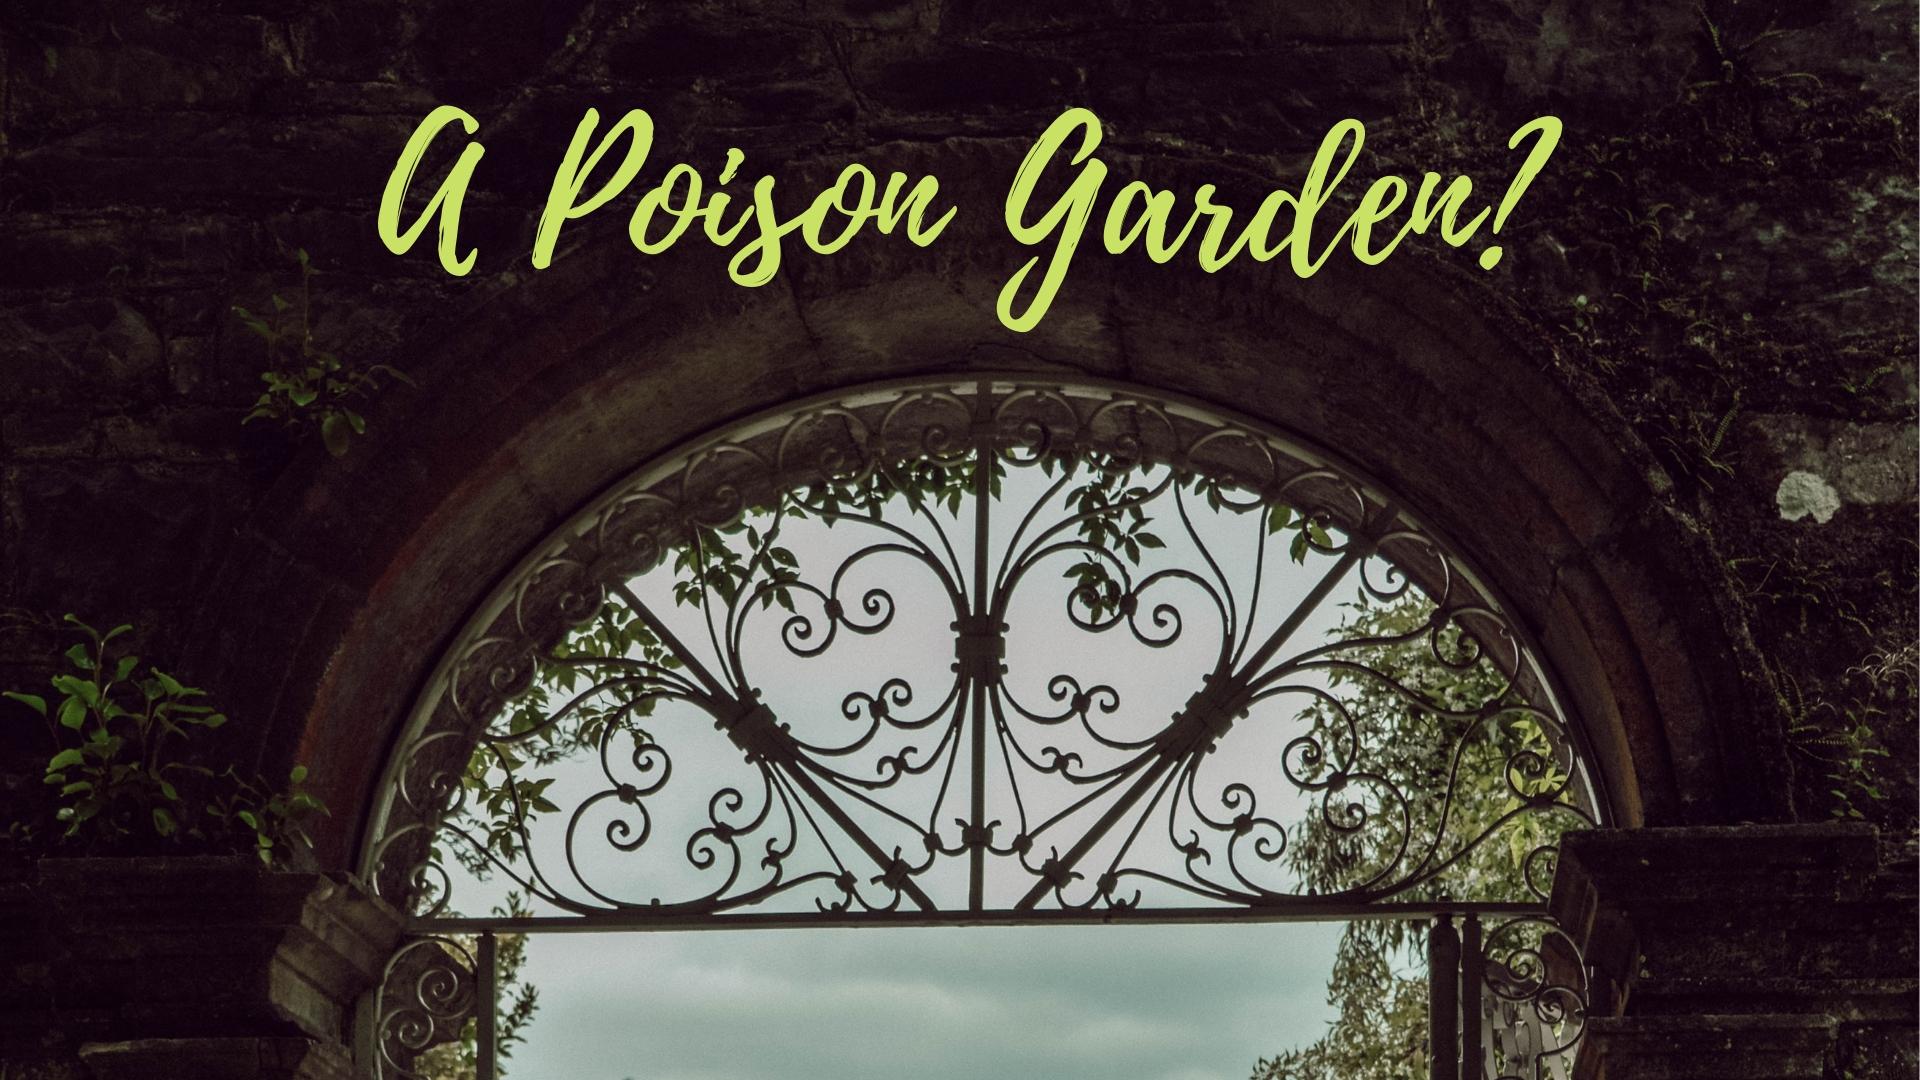 banner-a-poison-garden-01 (1).jpg